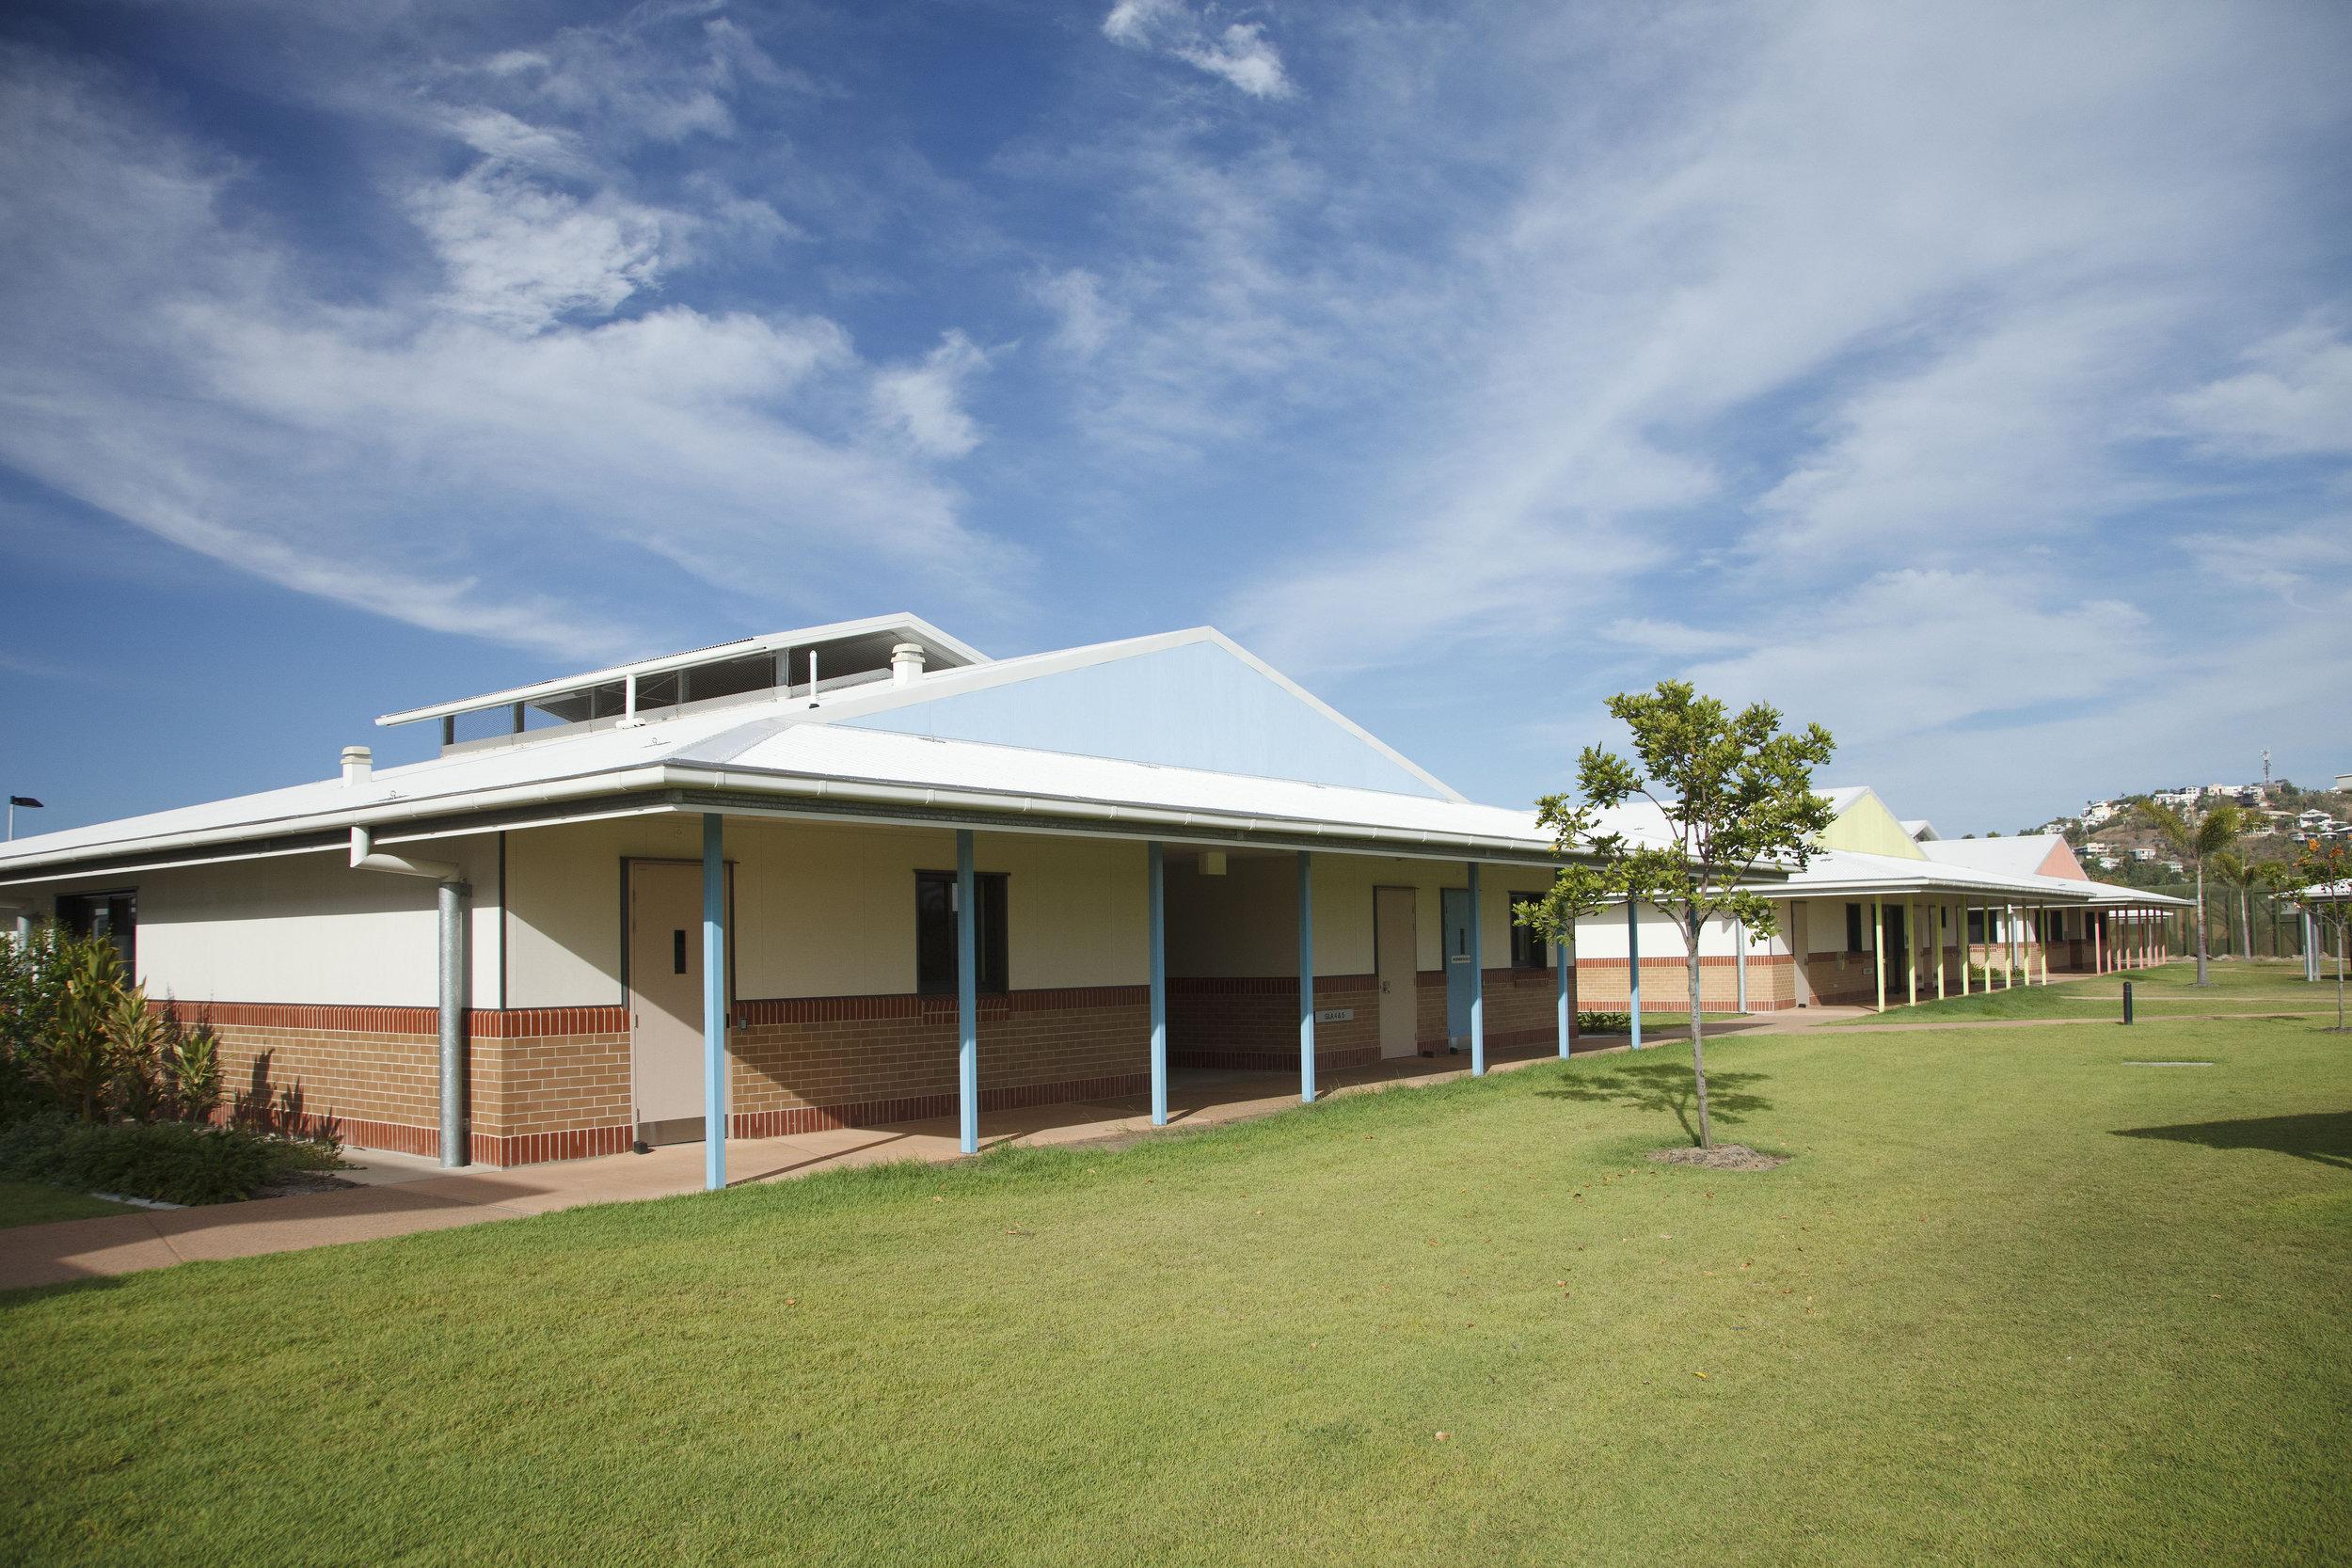 Far-north-qld-youth-detention-guymer-bailey-5.jpg